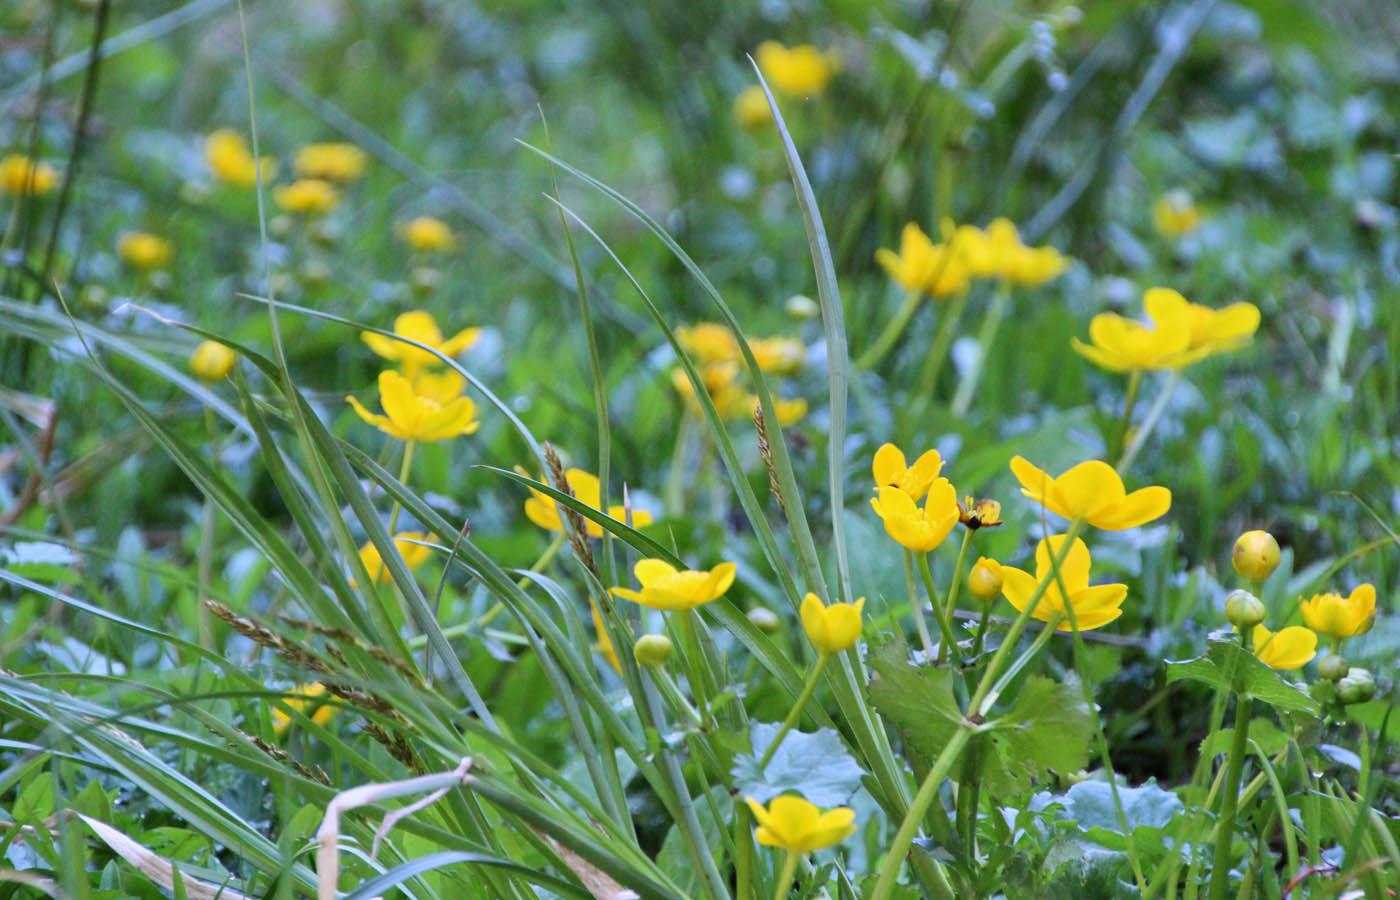 Die Sumpfdotterblume wächst in Sumpfwiesen, an Quellen, Bächen und Gräben